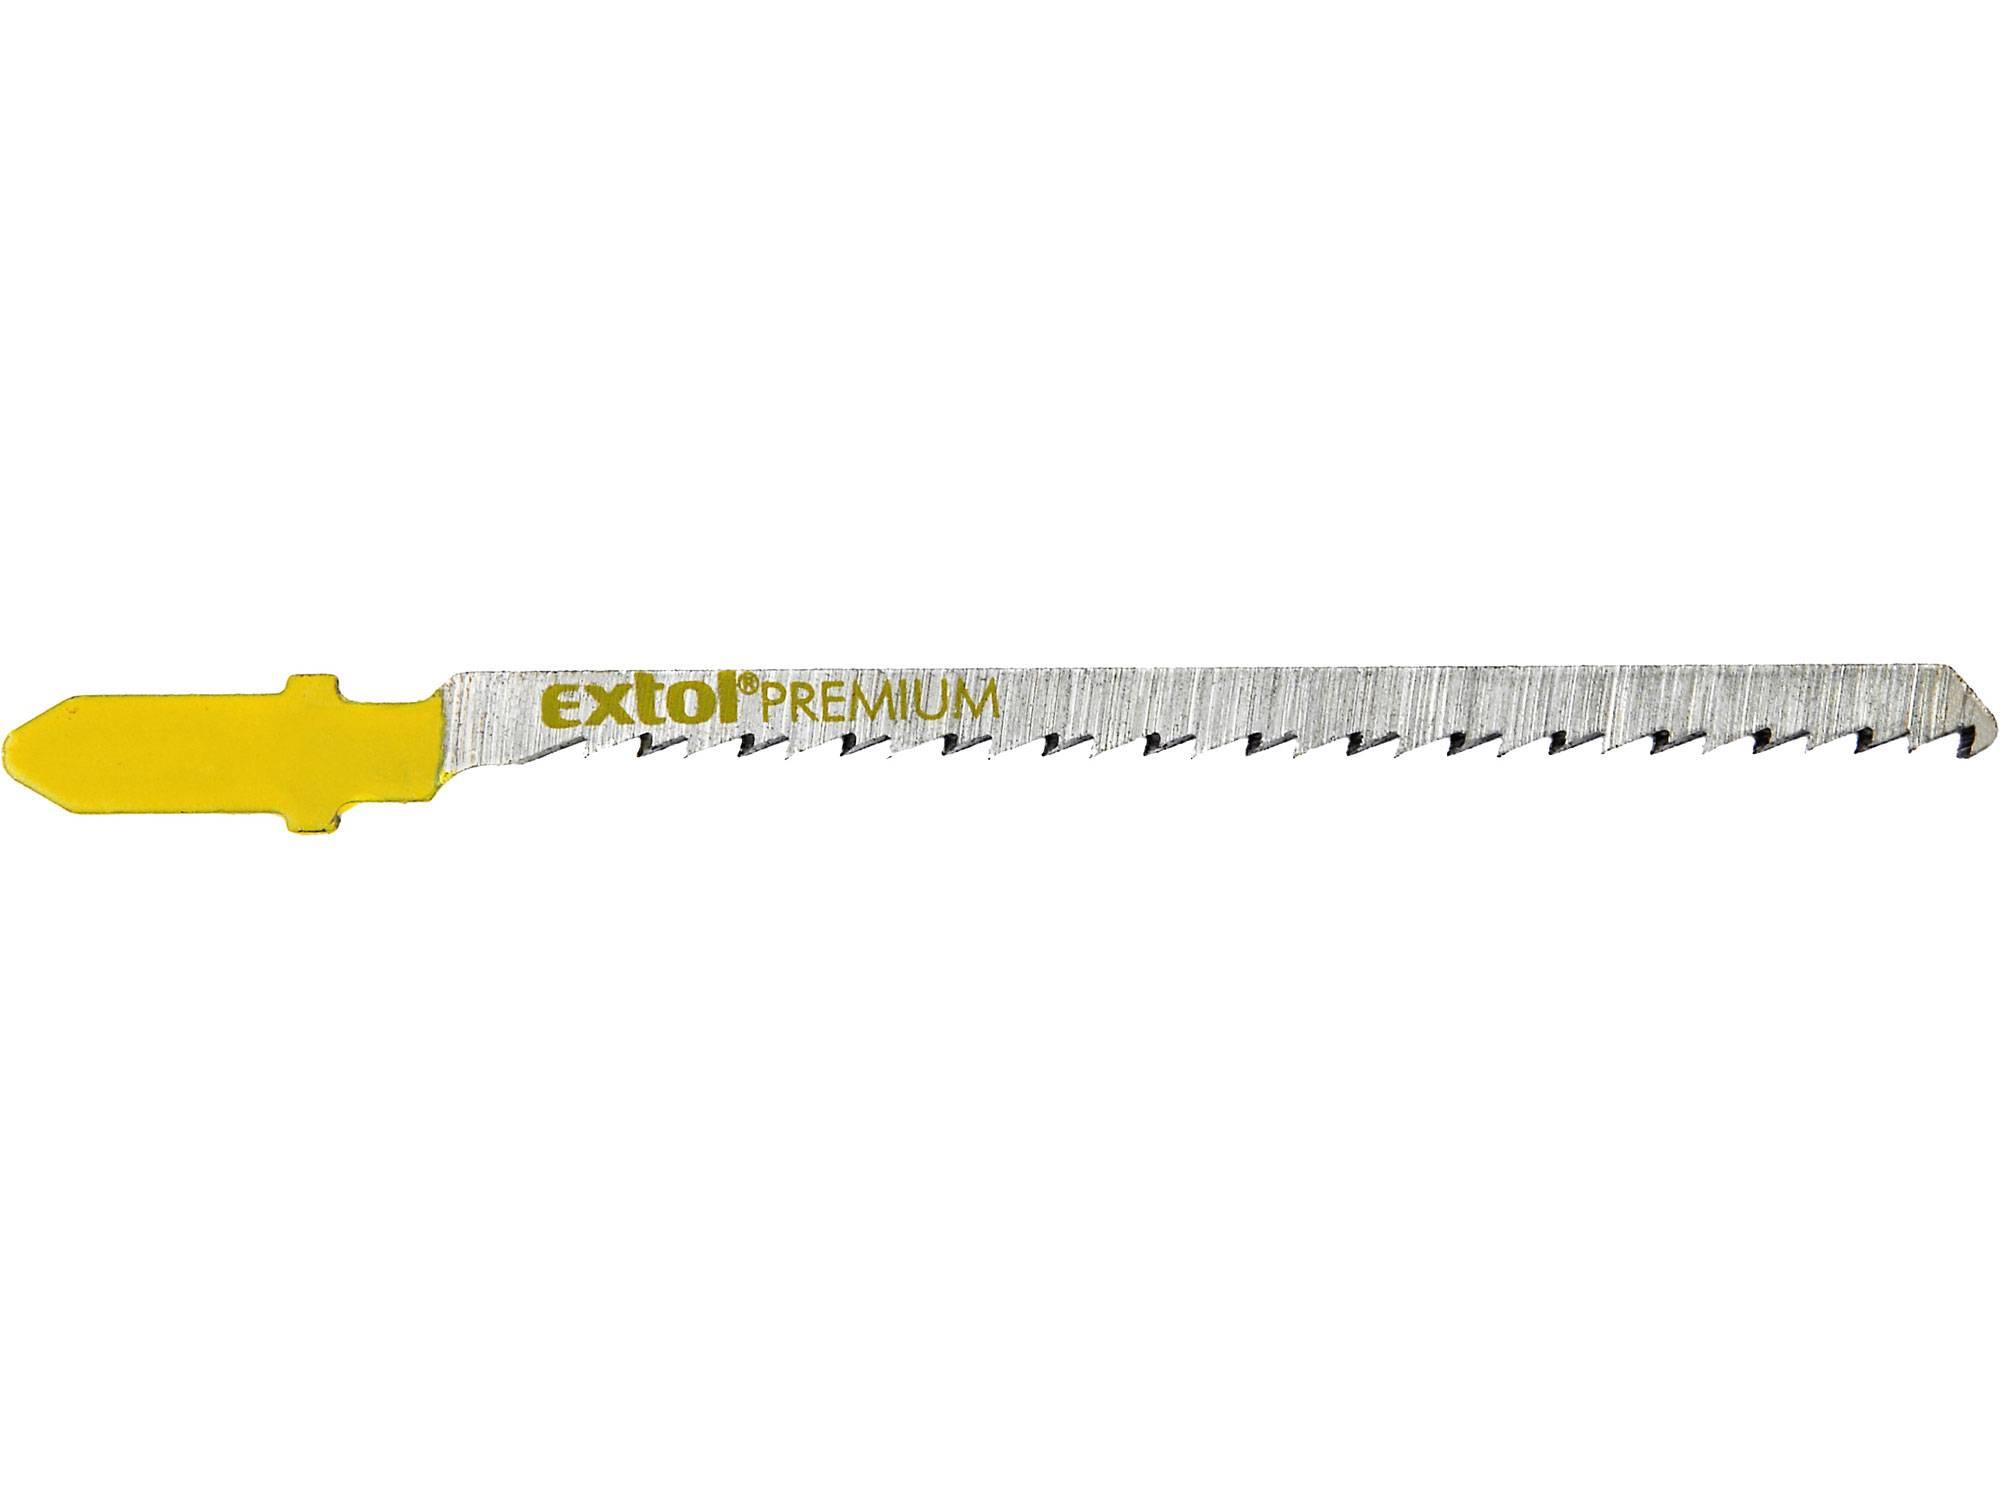 plátky do přímočaré pily 5ks, 75x2,5mm, HCS 8805003 EXTOL PREMIUM